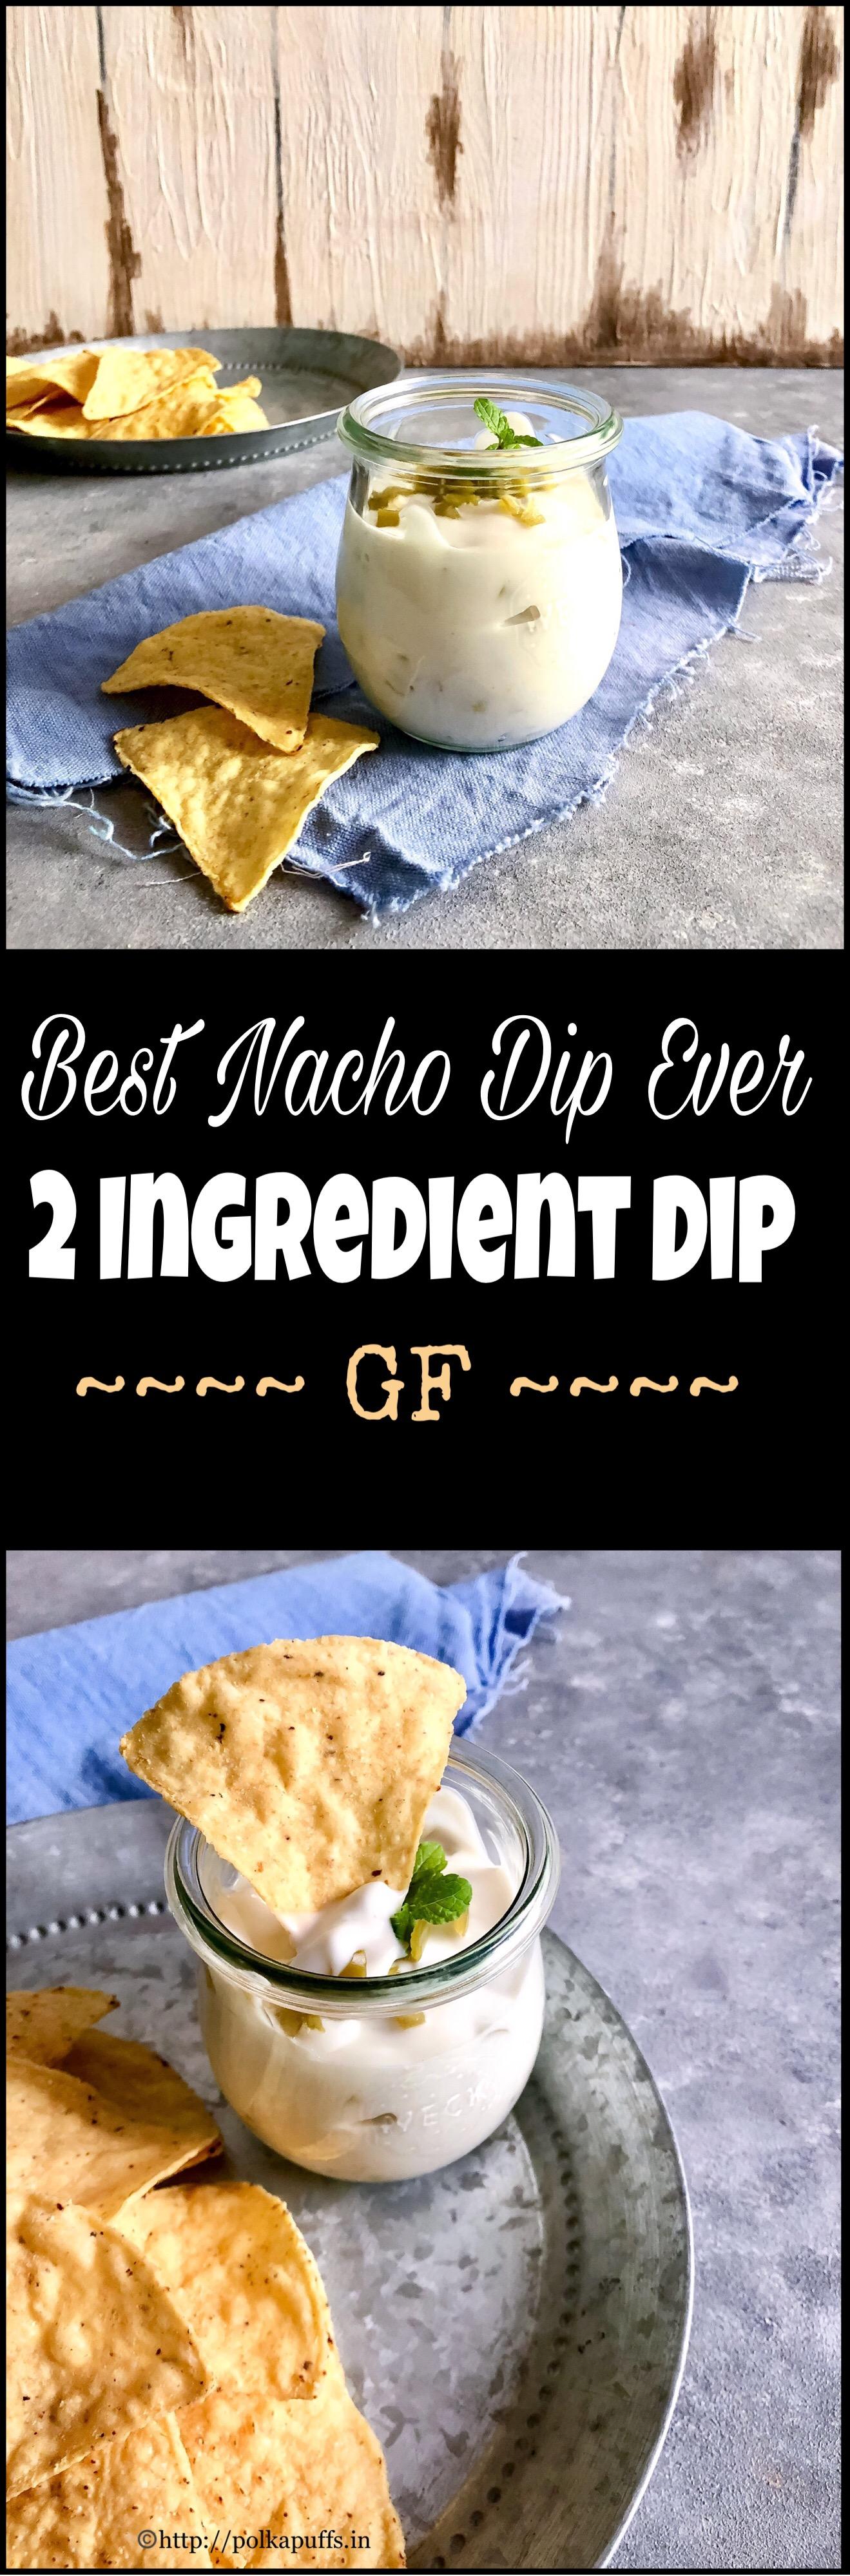 best nacho dip ever pinterest